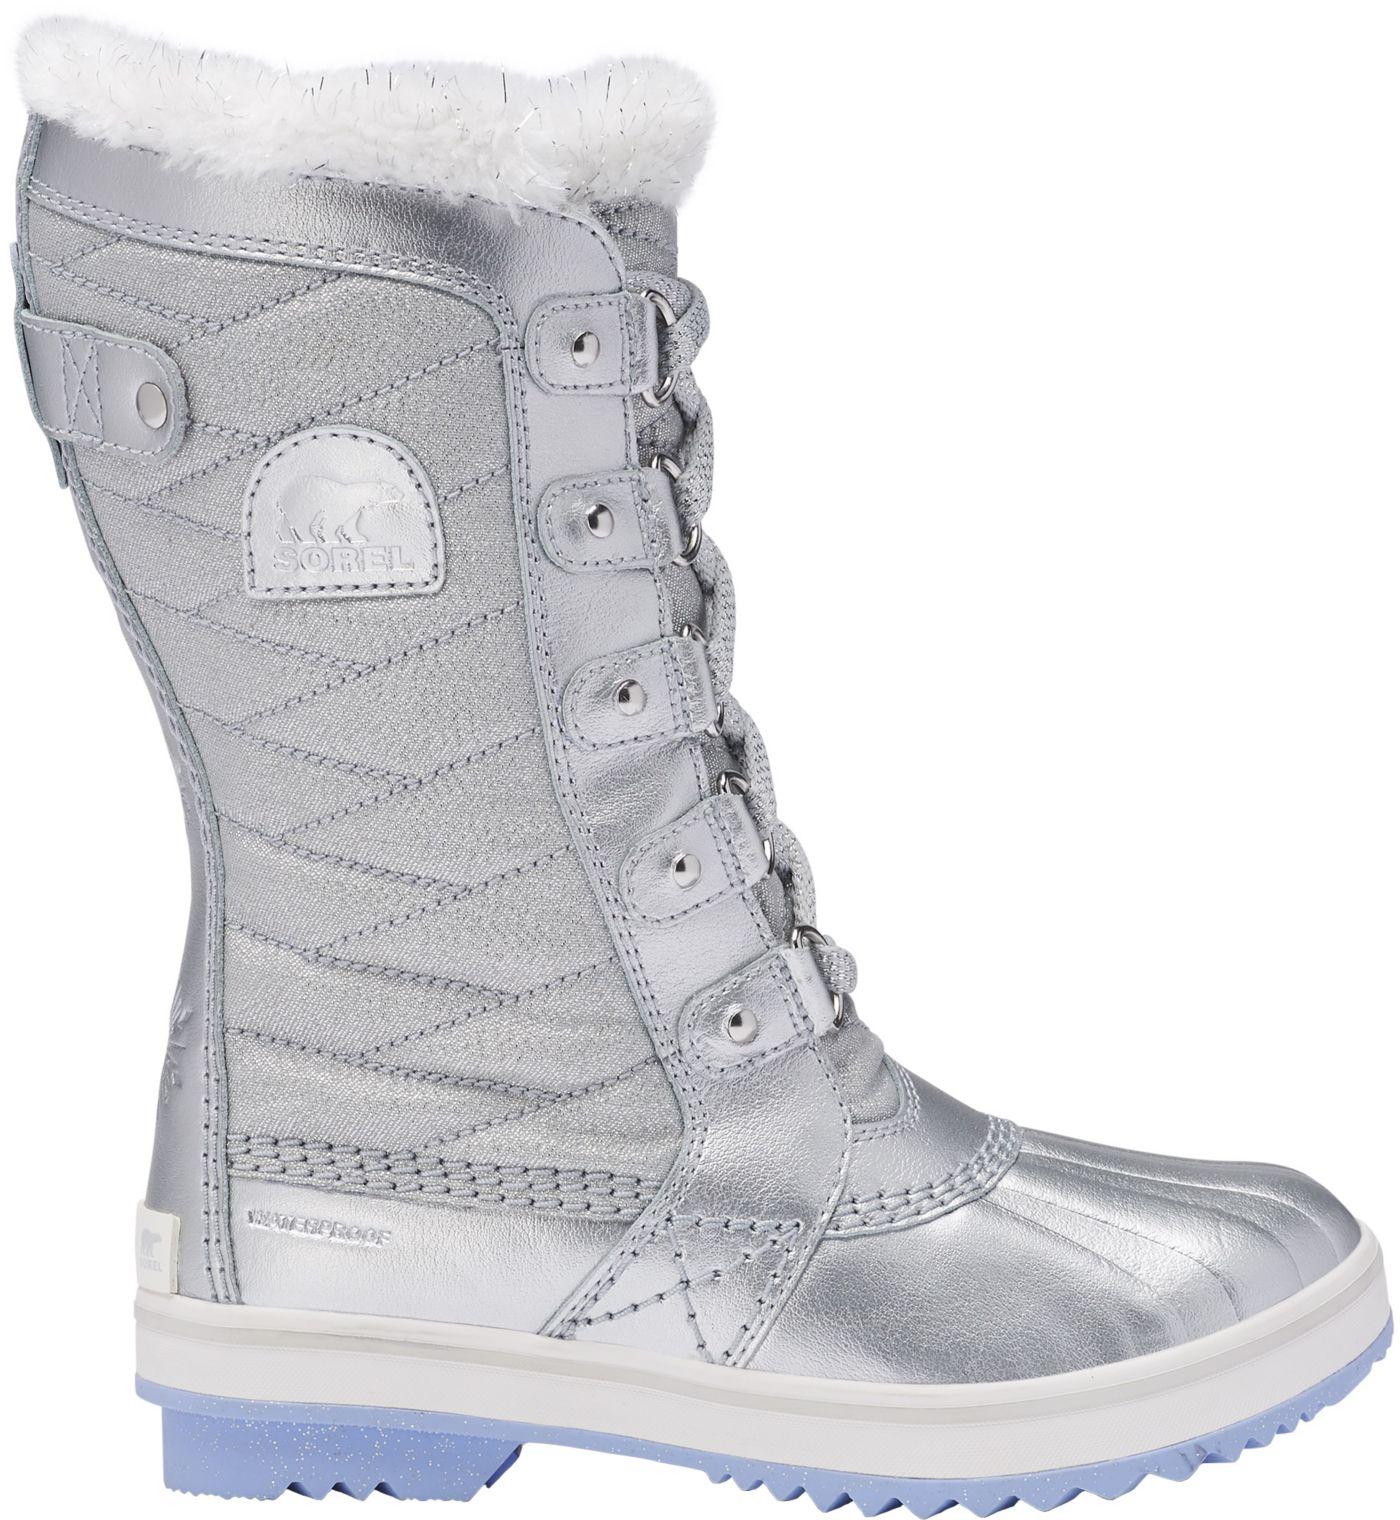 Disney x SOREL Kids' Flurry Frozen 2 Tofino Insulated Waterproof Winter Boots